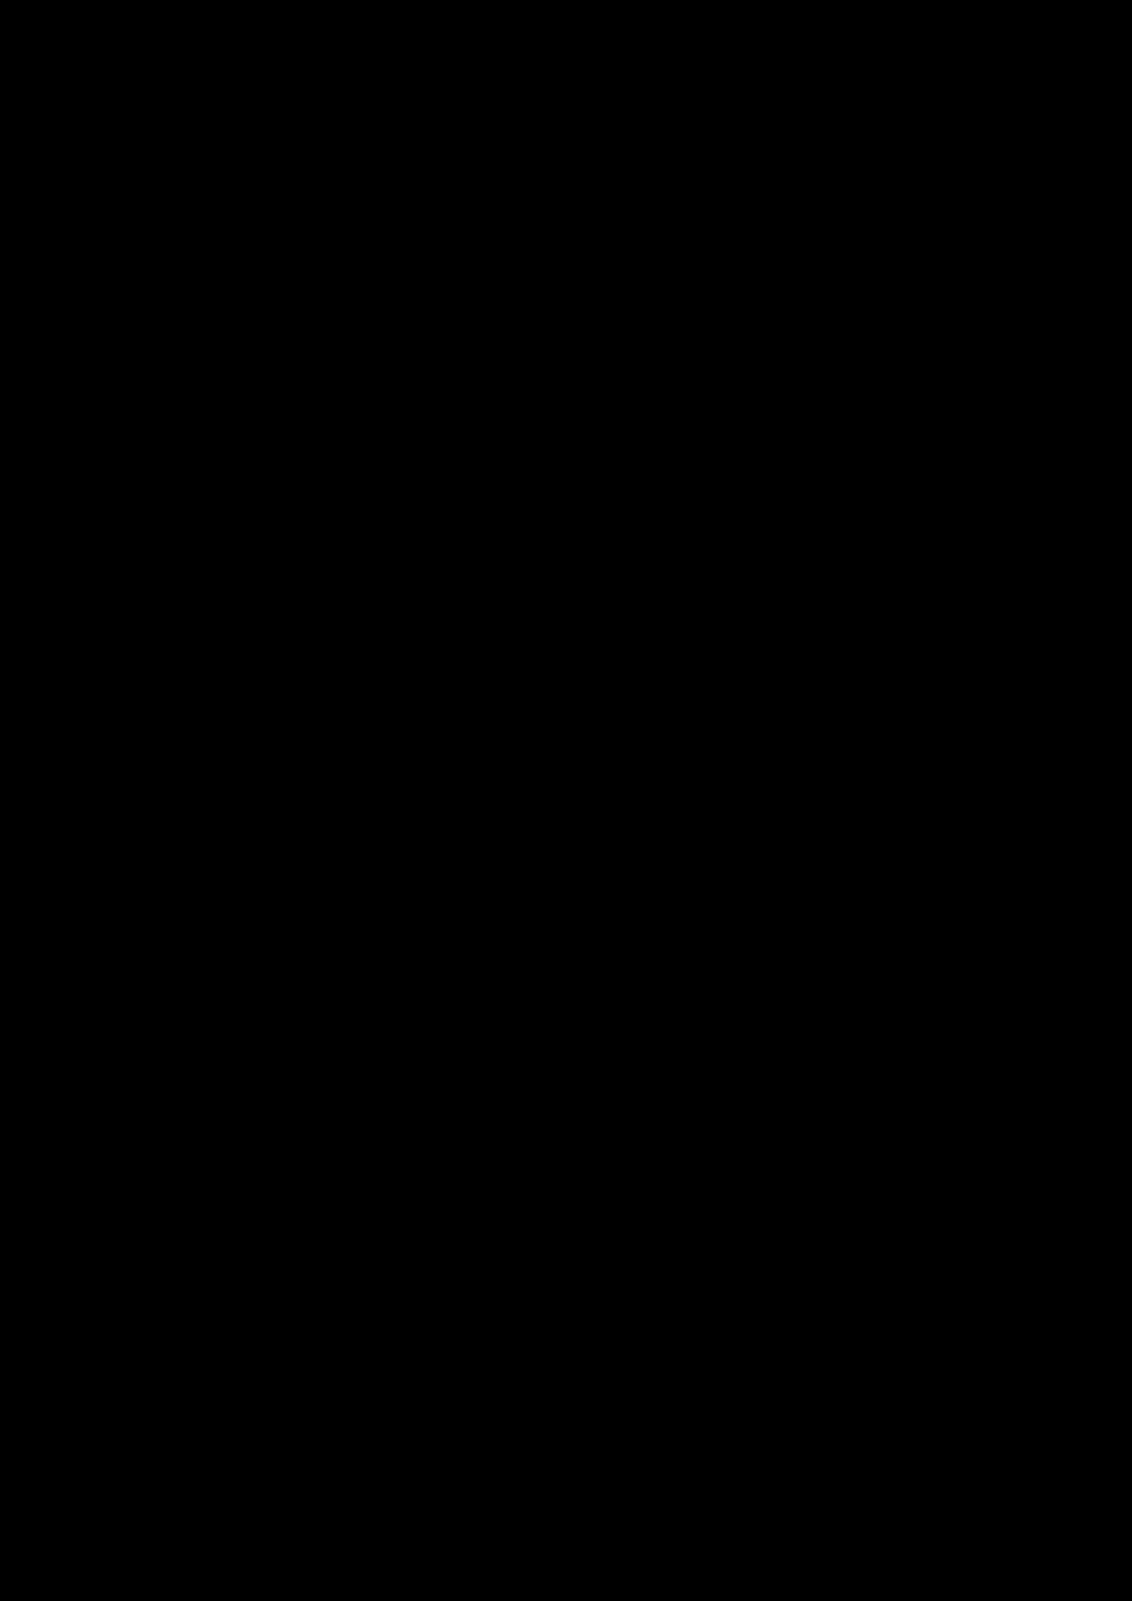 Proschanie s volshebnoy stranoy slide, Image 64